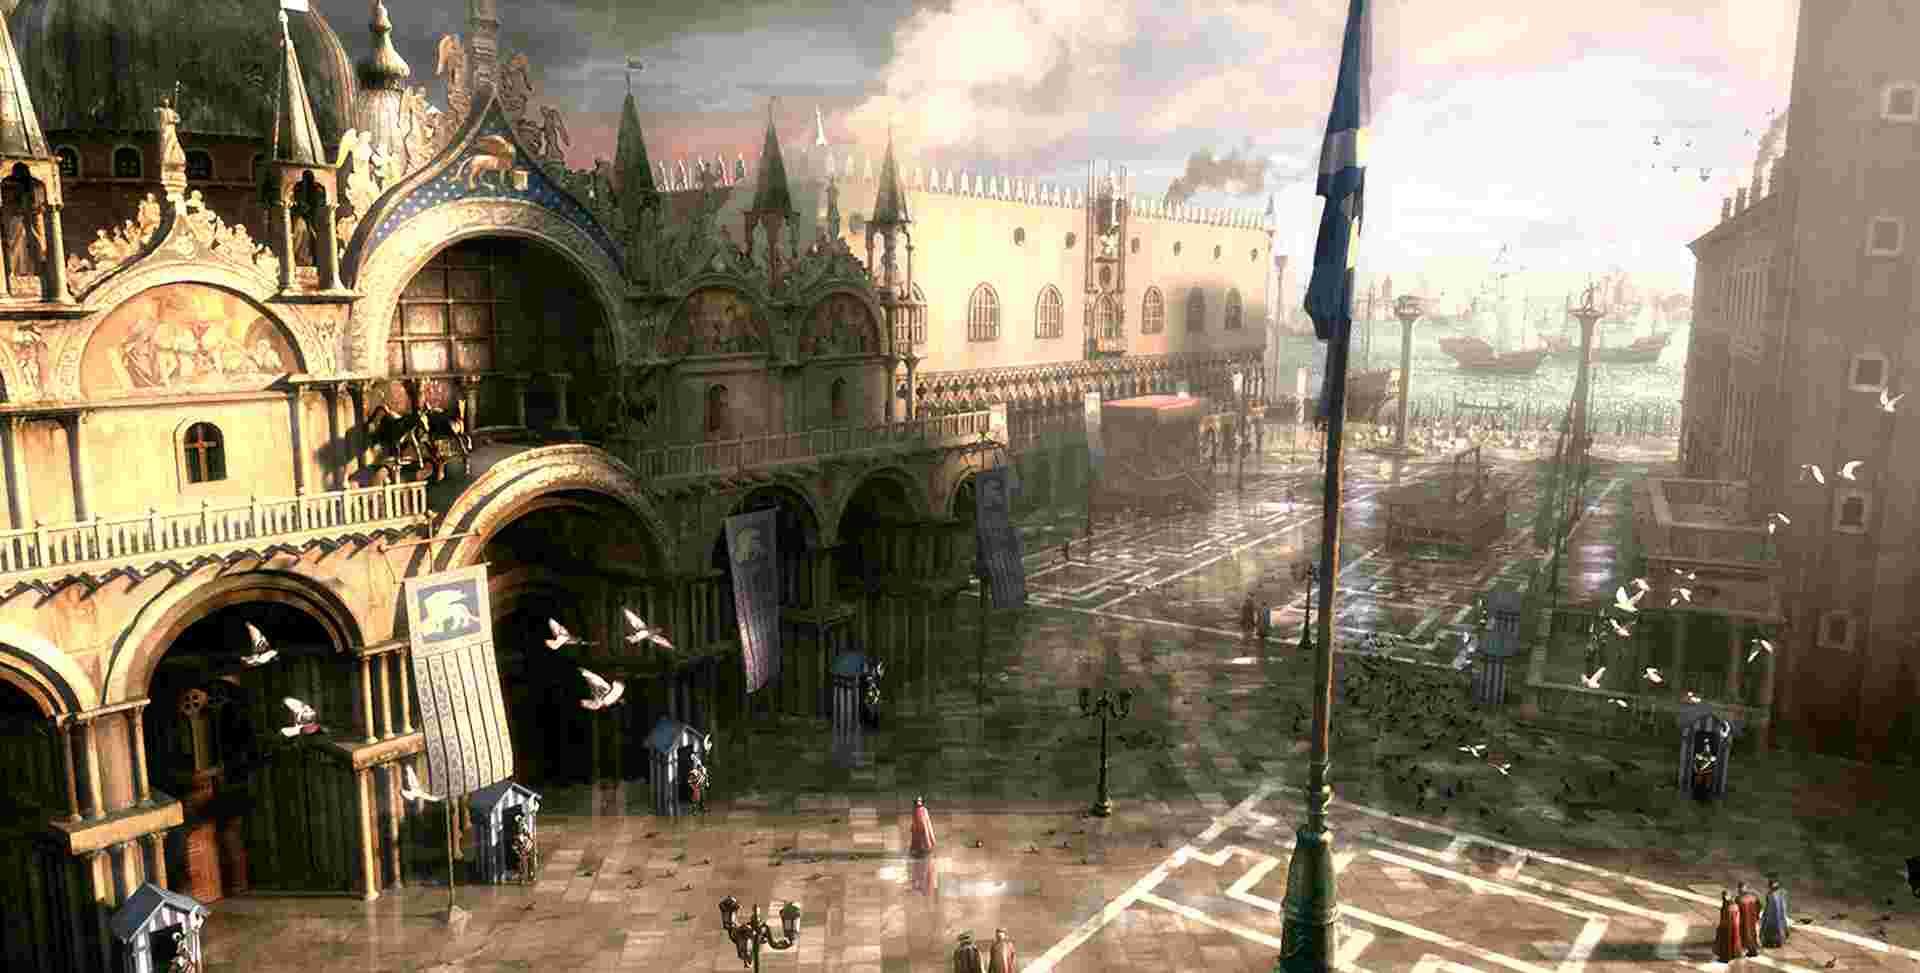 палац дожа – мера Венеції, якого обирали серед місцевих аристократів